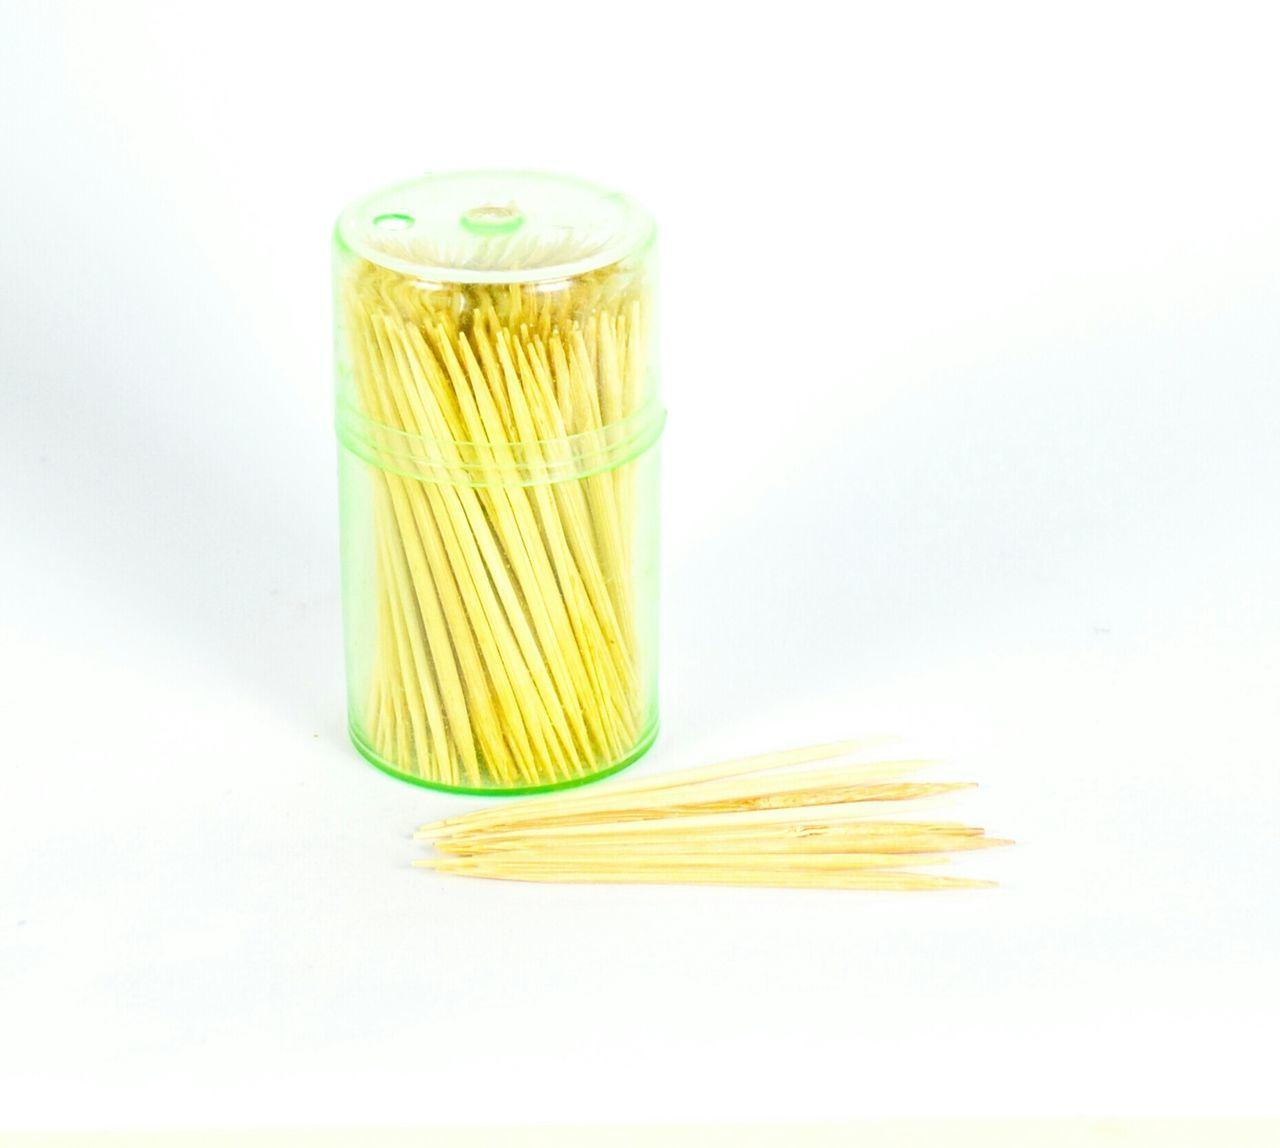 ไม้จิ้มฟัน ไม้จิ้มฟัน Toothpick